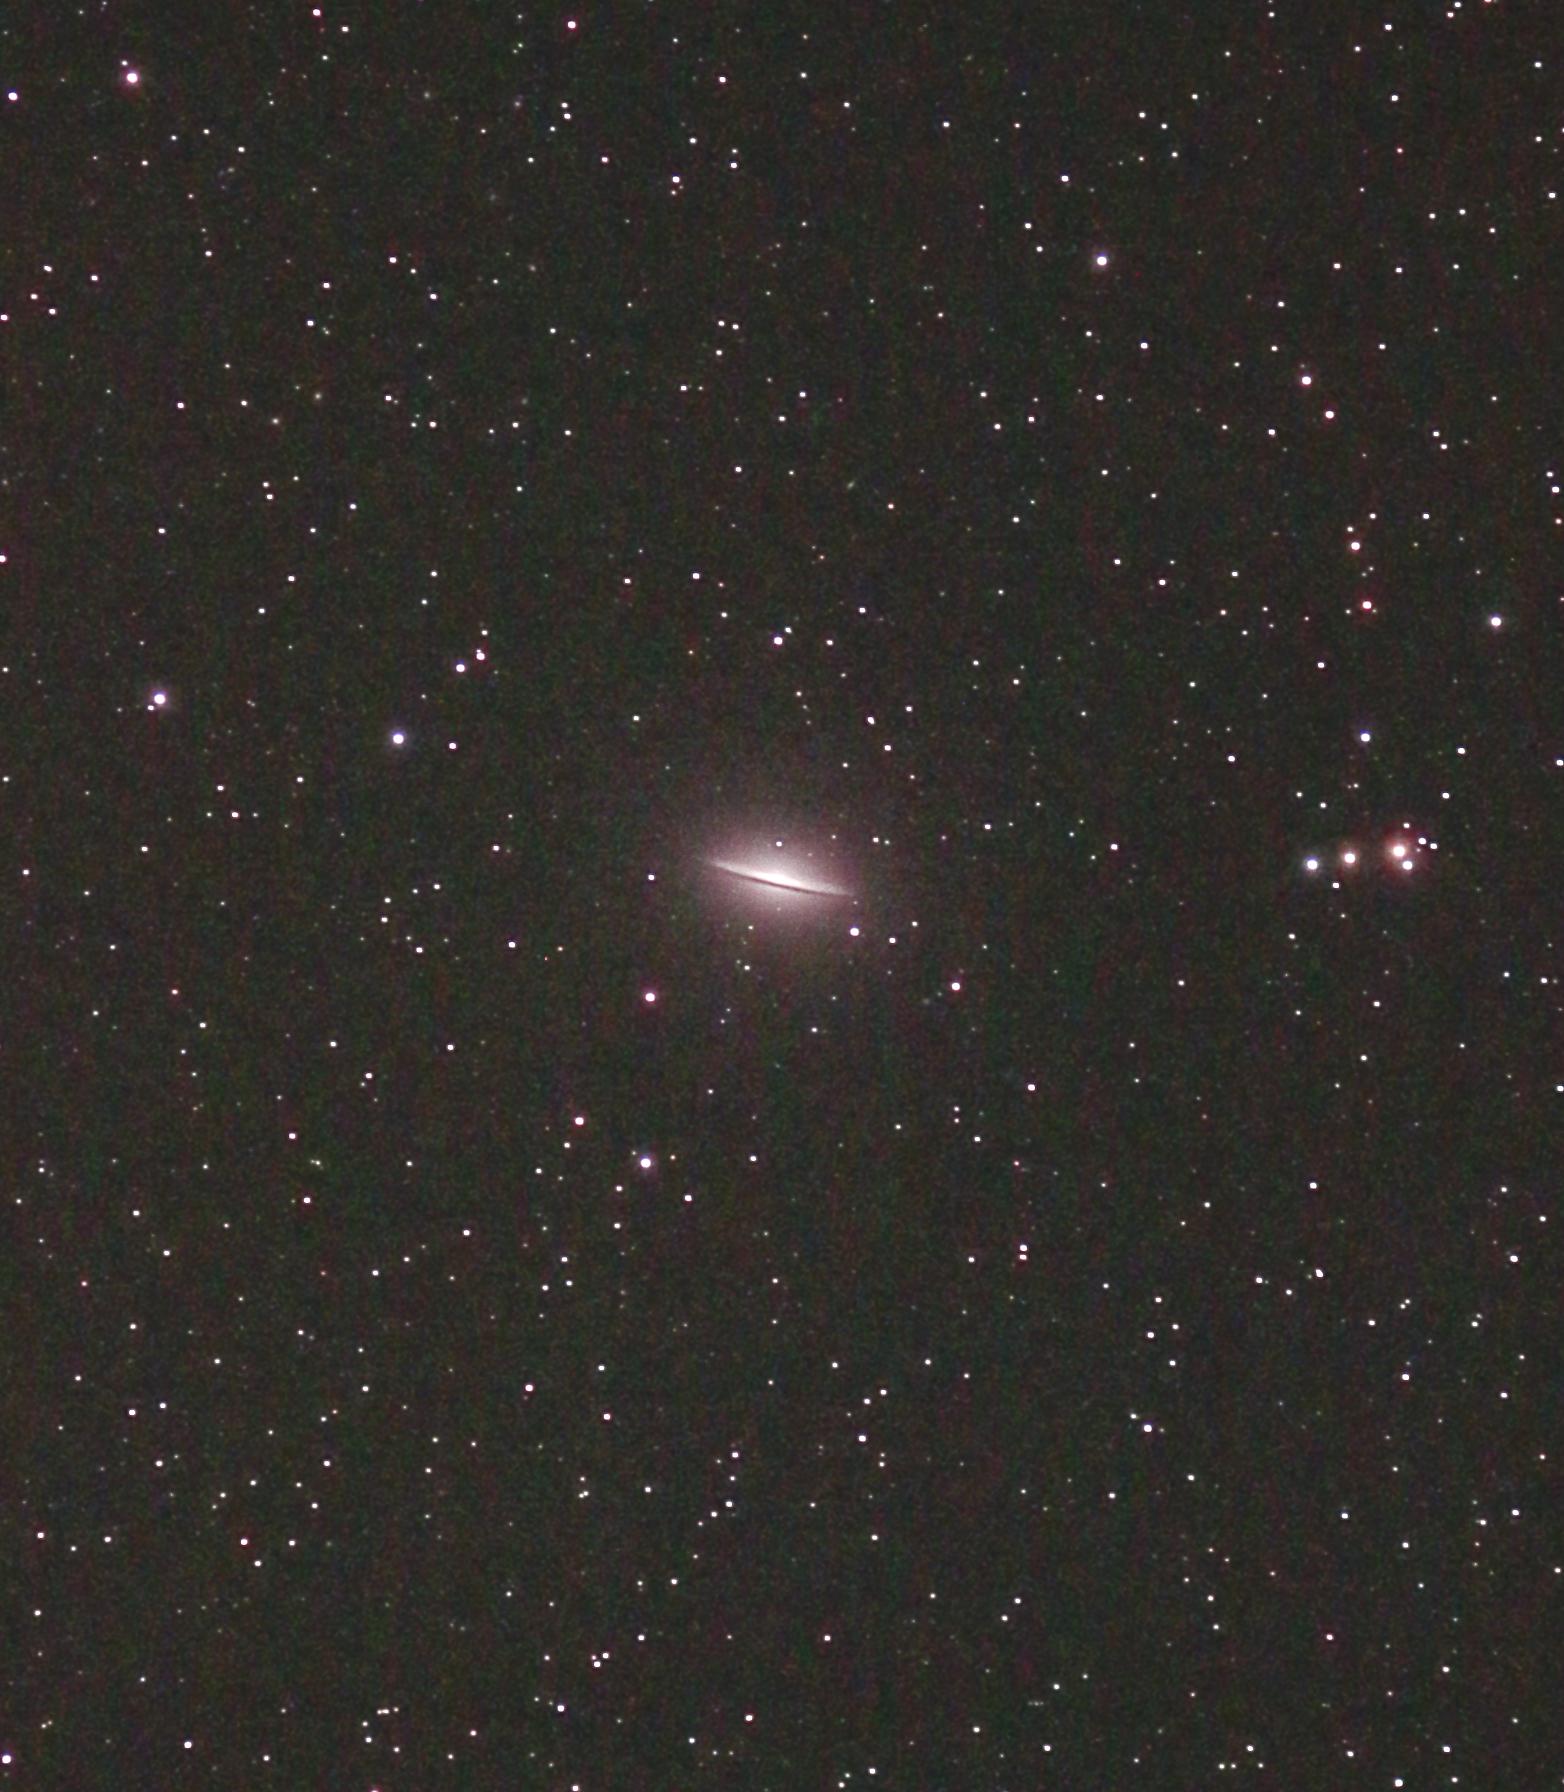 M104_ソンブレロ銀河